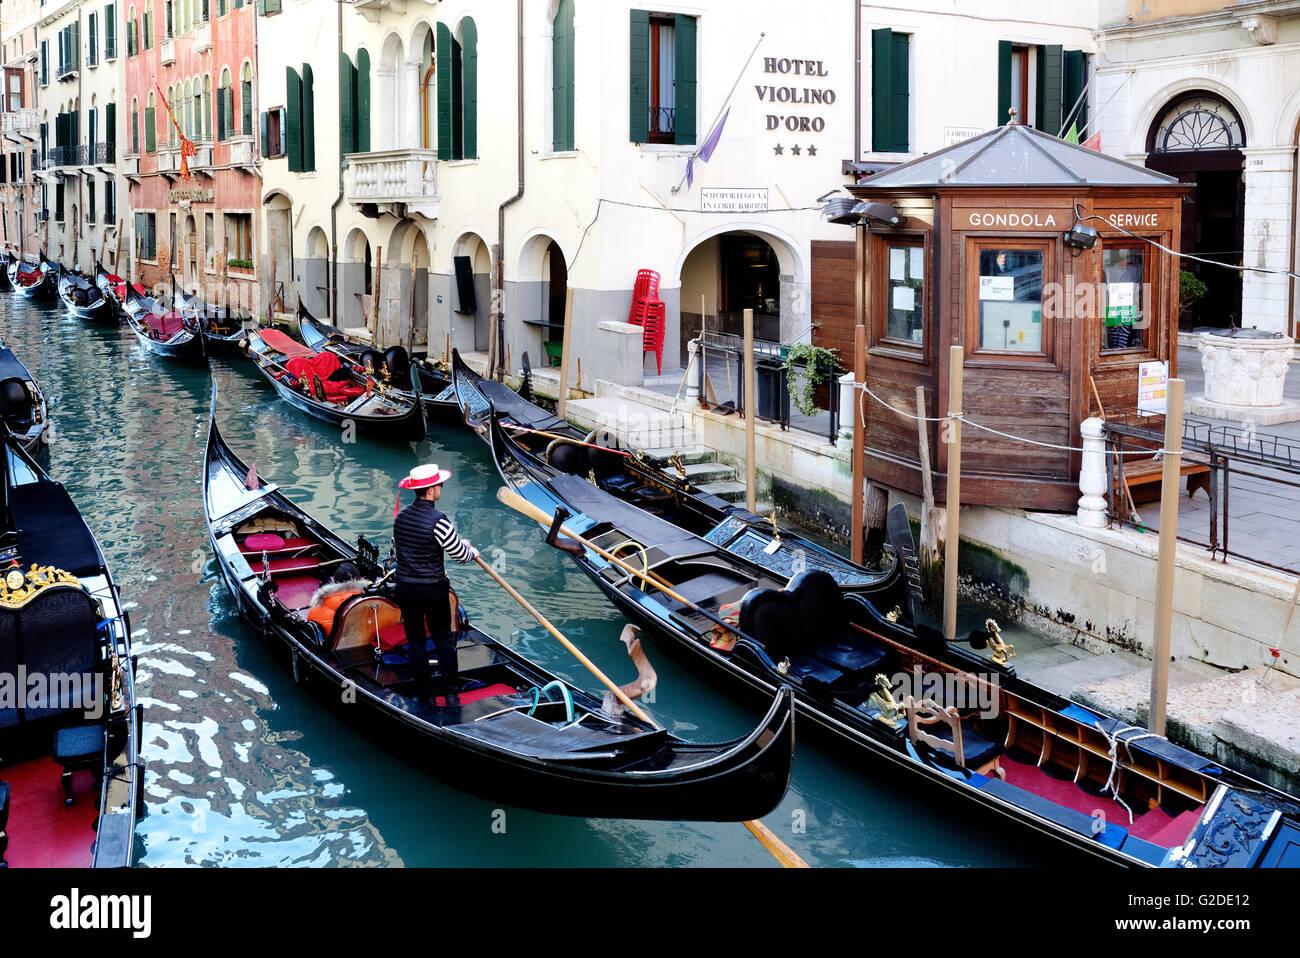 Gondolas in Venice, Veneto, Italy - Stock Image